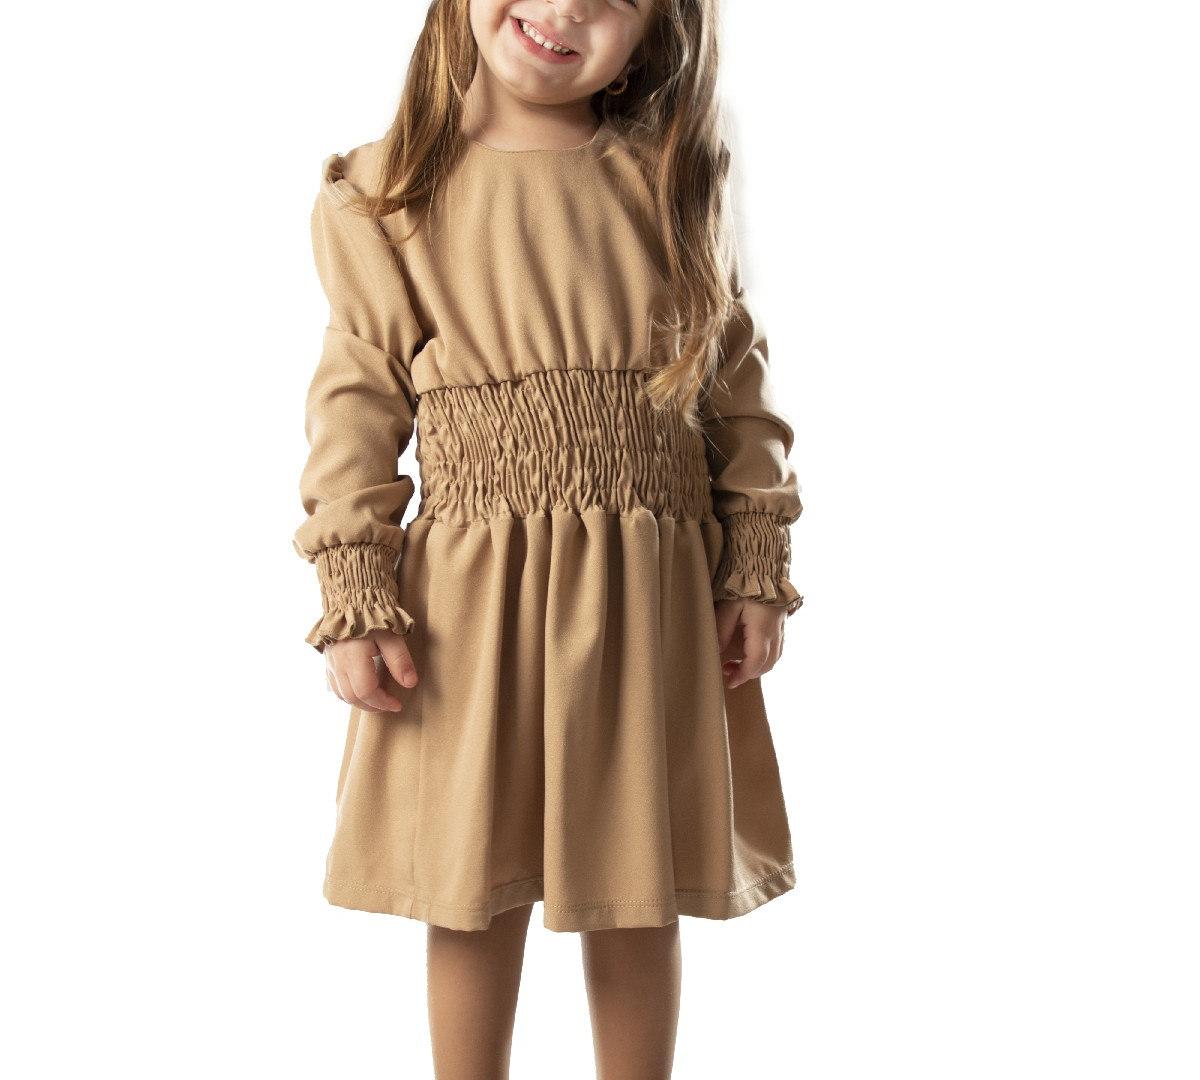 שמלה לני malaya | מאליה אופנת ילדים